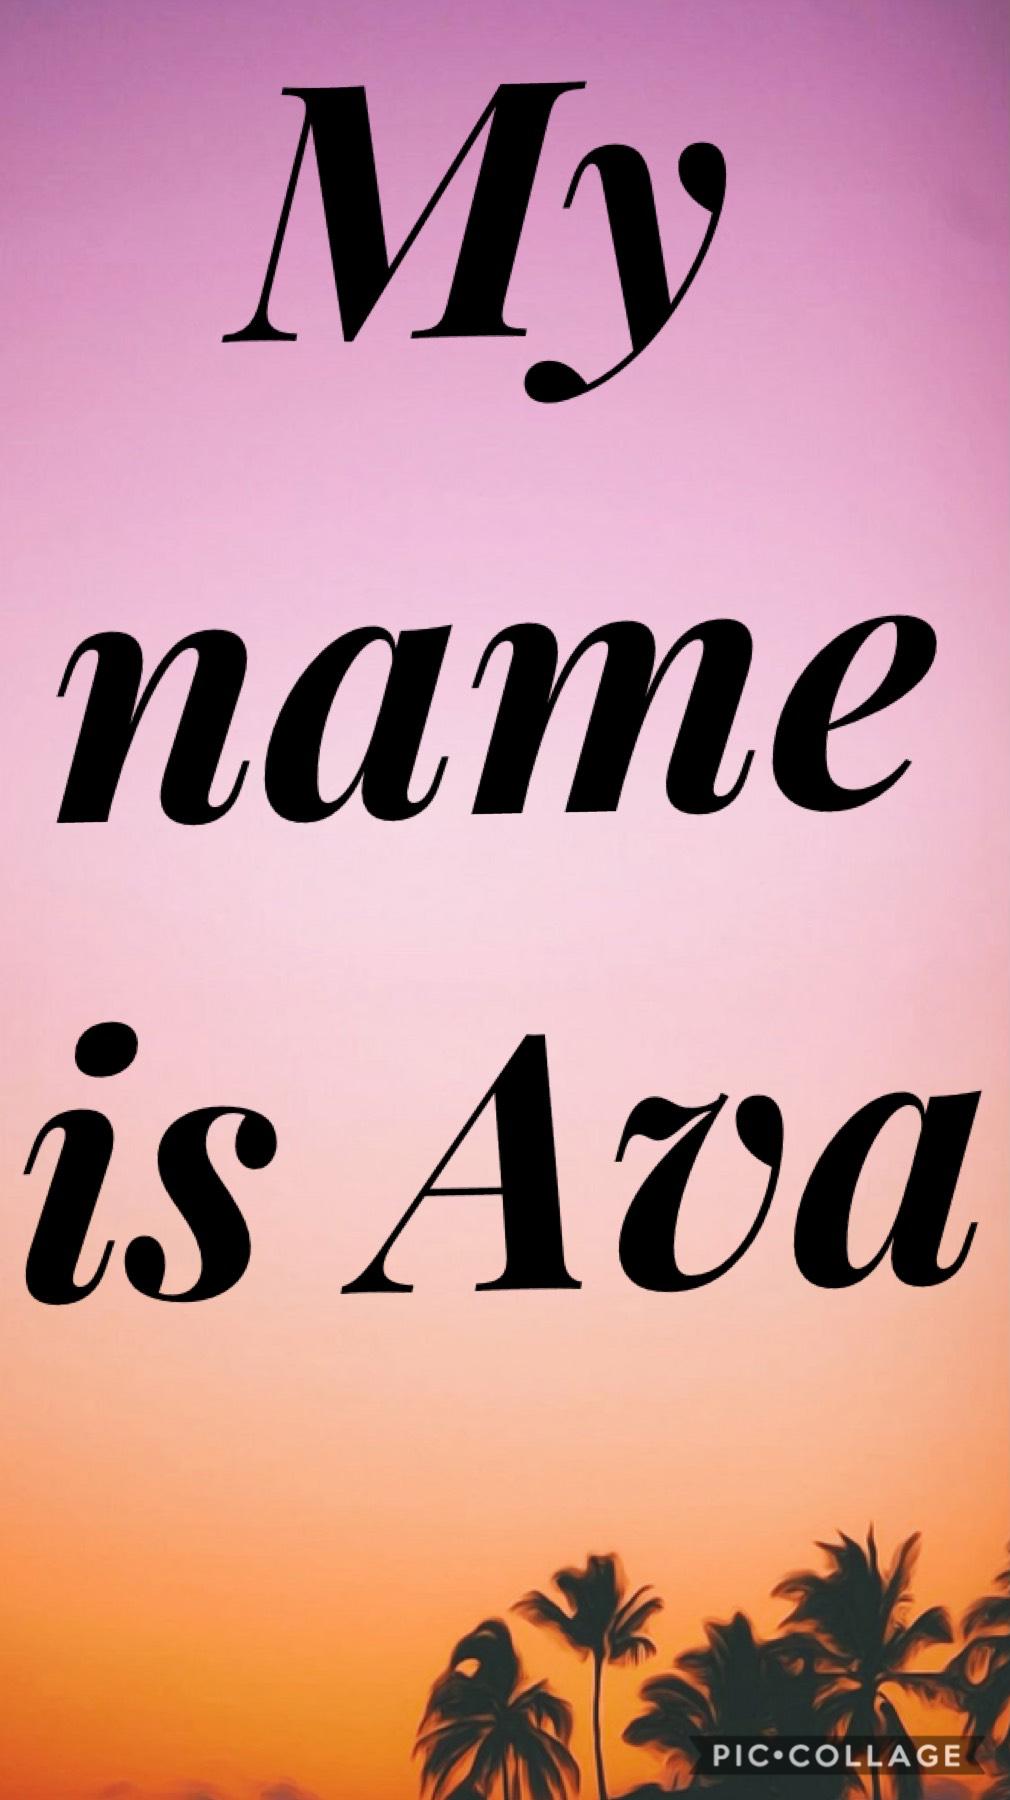 Name reveal